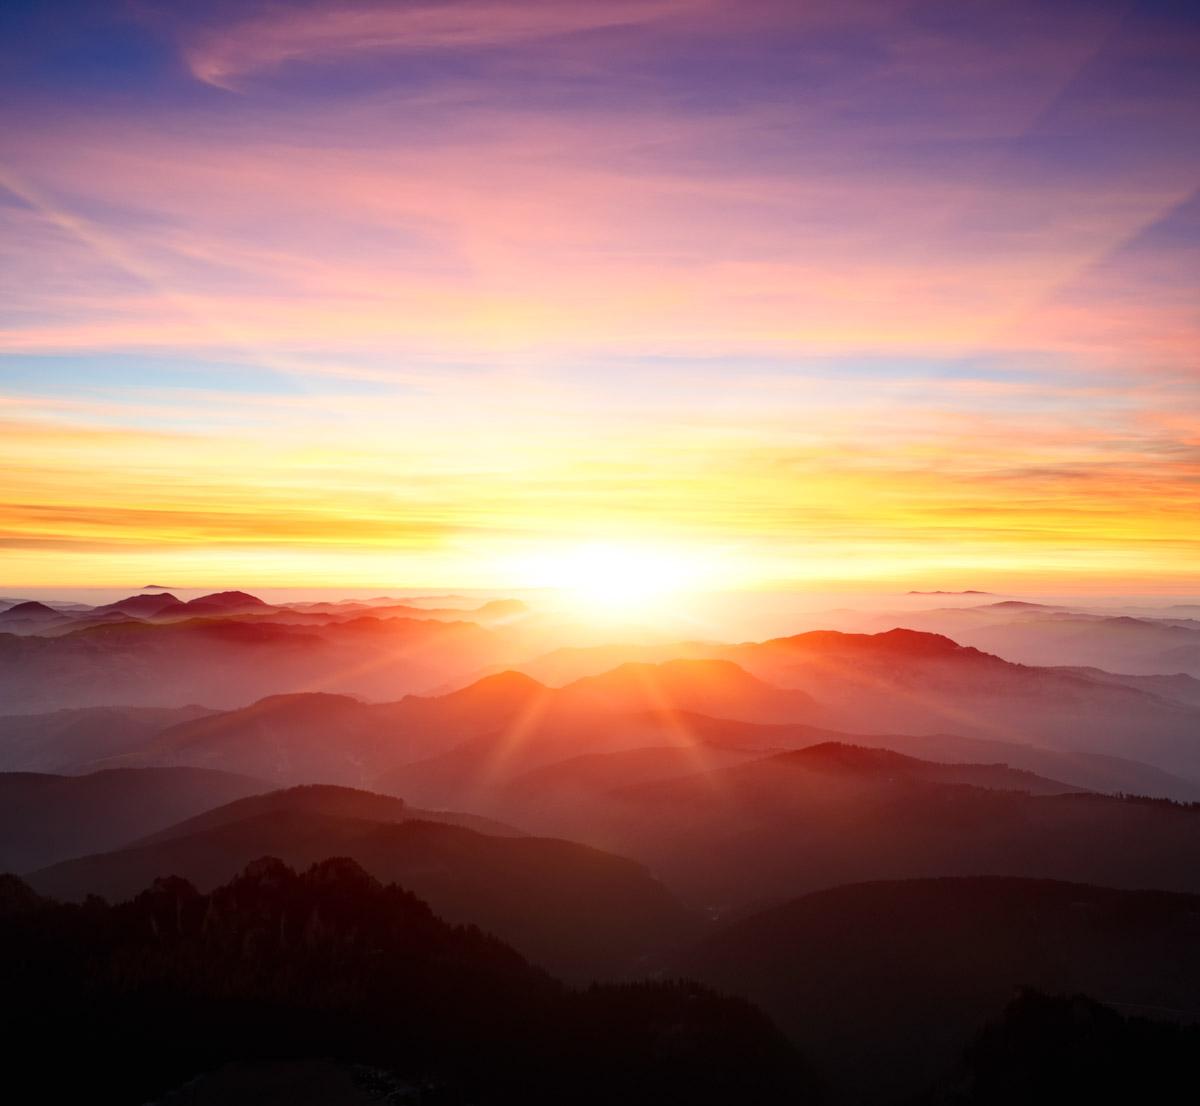 Sunset-Fina